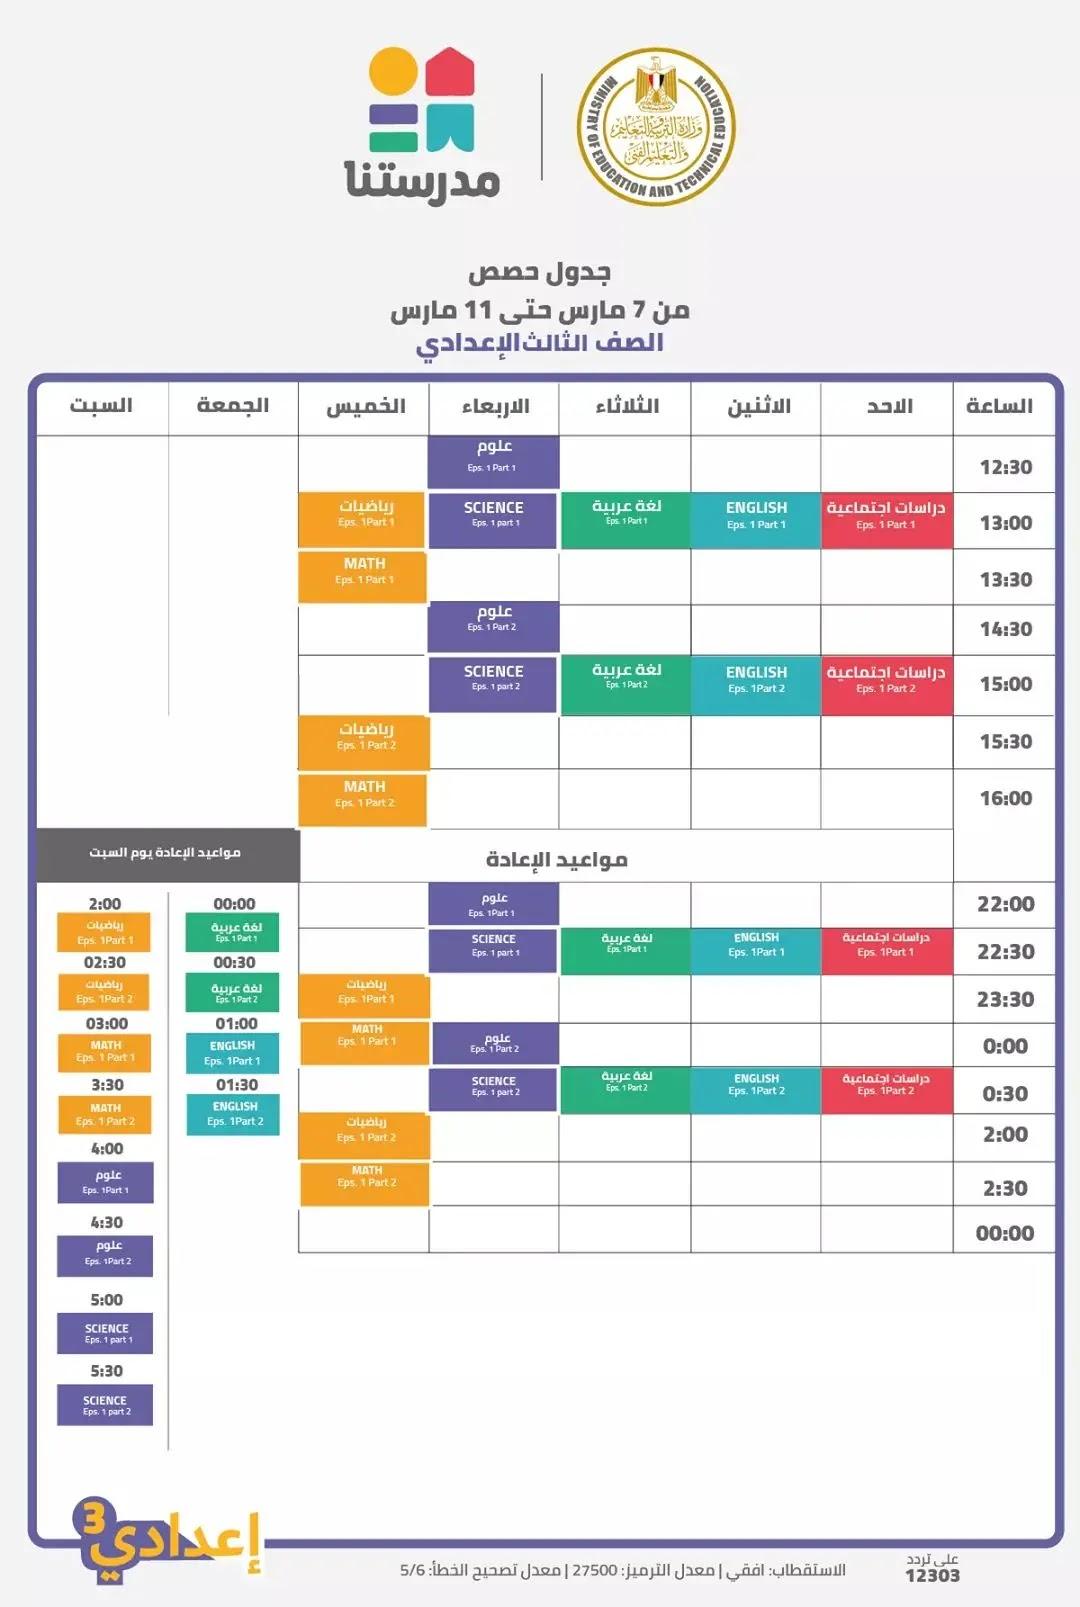 جدول قناة مدرستنا الصف الثالث الاعدادي الفترة 7 الي 11 مارس